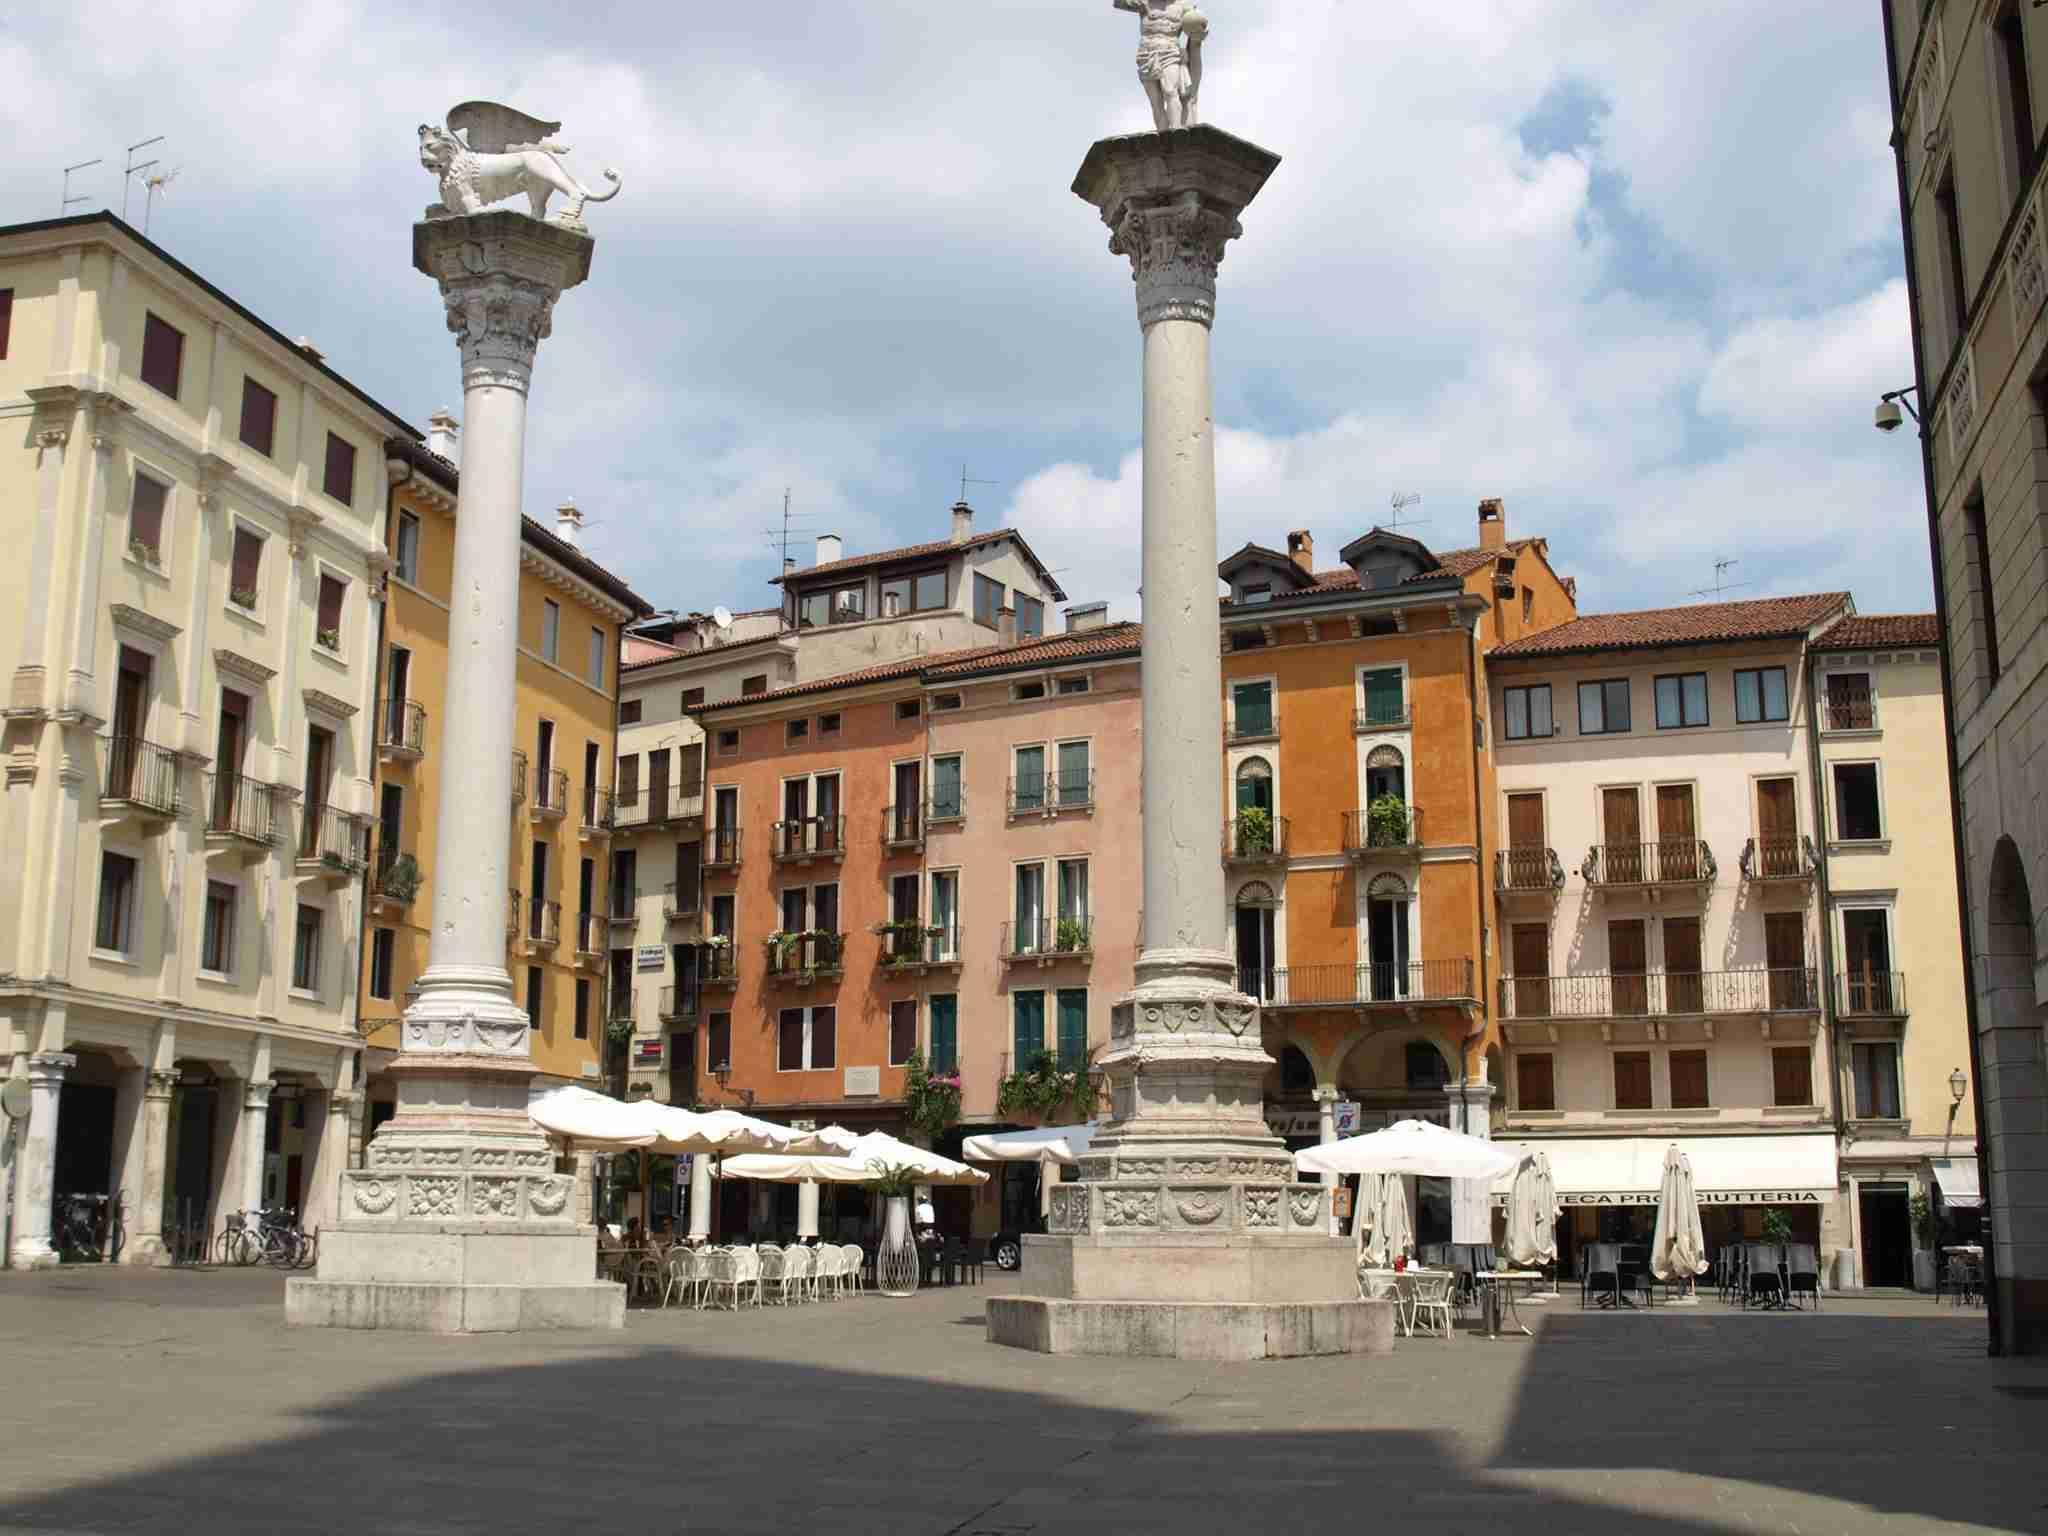 Italy near Vicenza Army Base